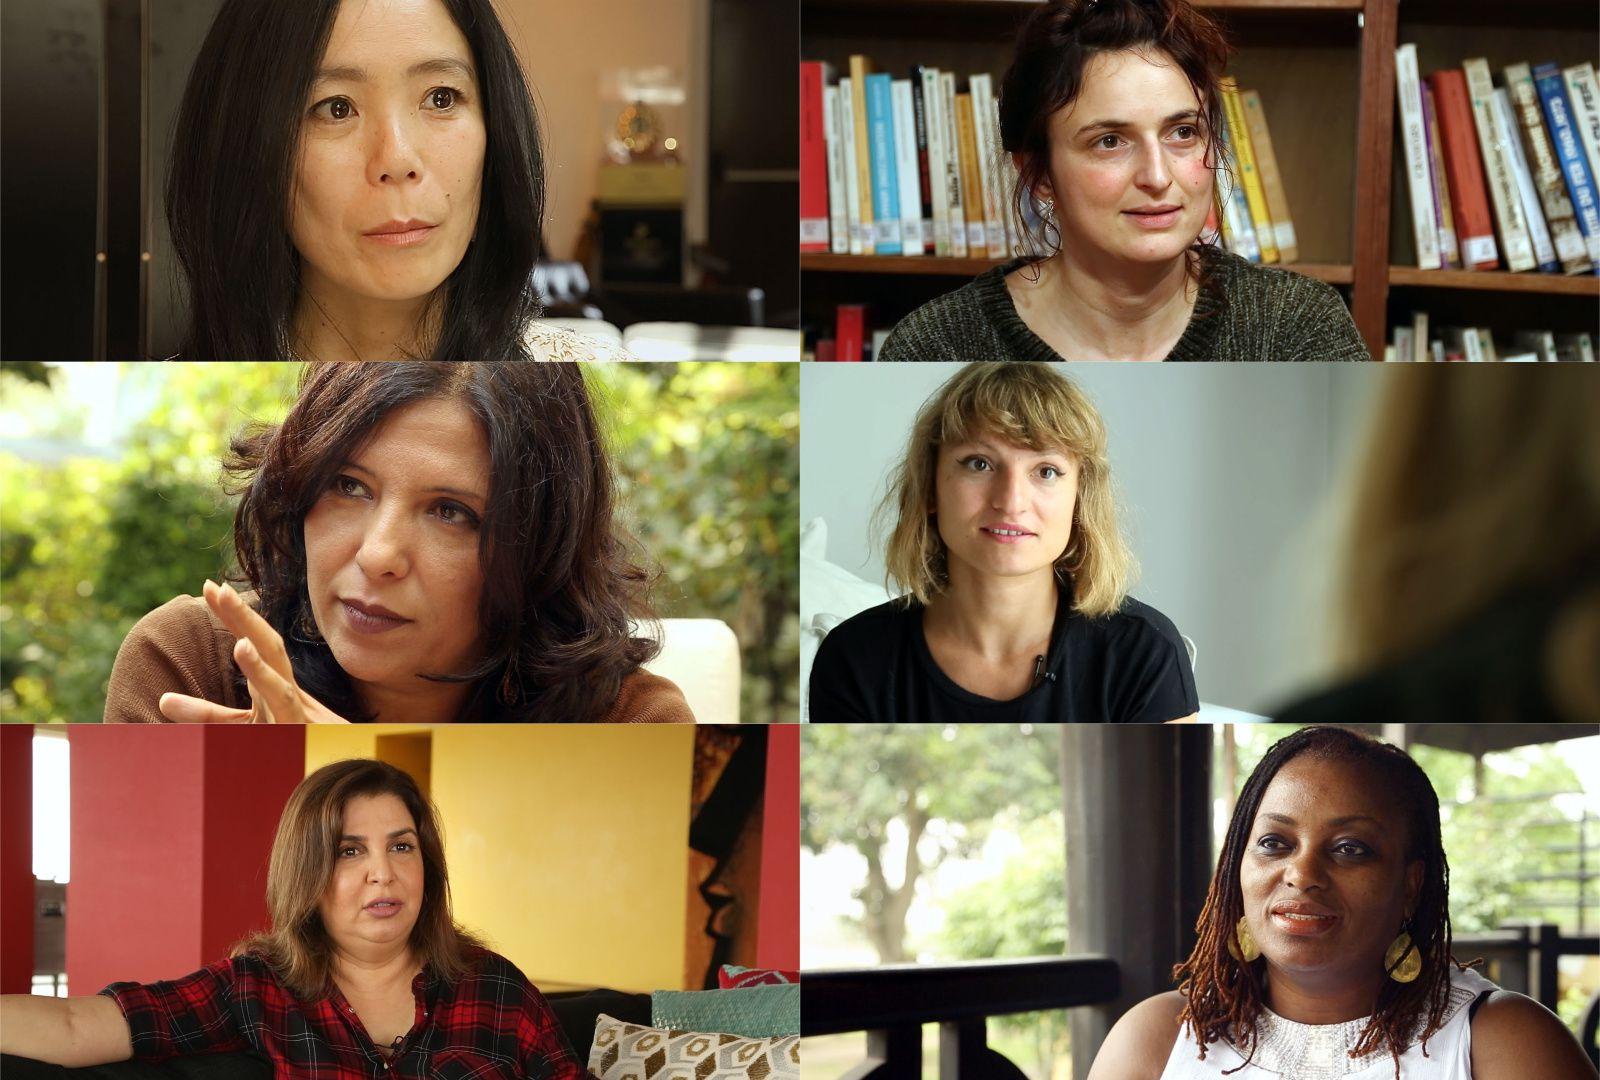 Consacré aux femmes cinéastes, le documentaire FilmakErs est diffusé ce 1er octobre sur Ciné+.